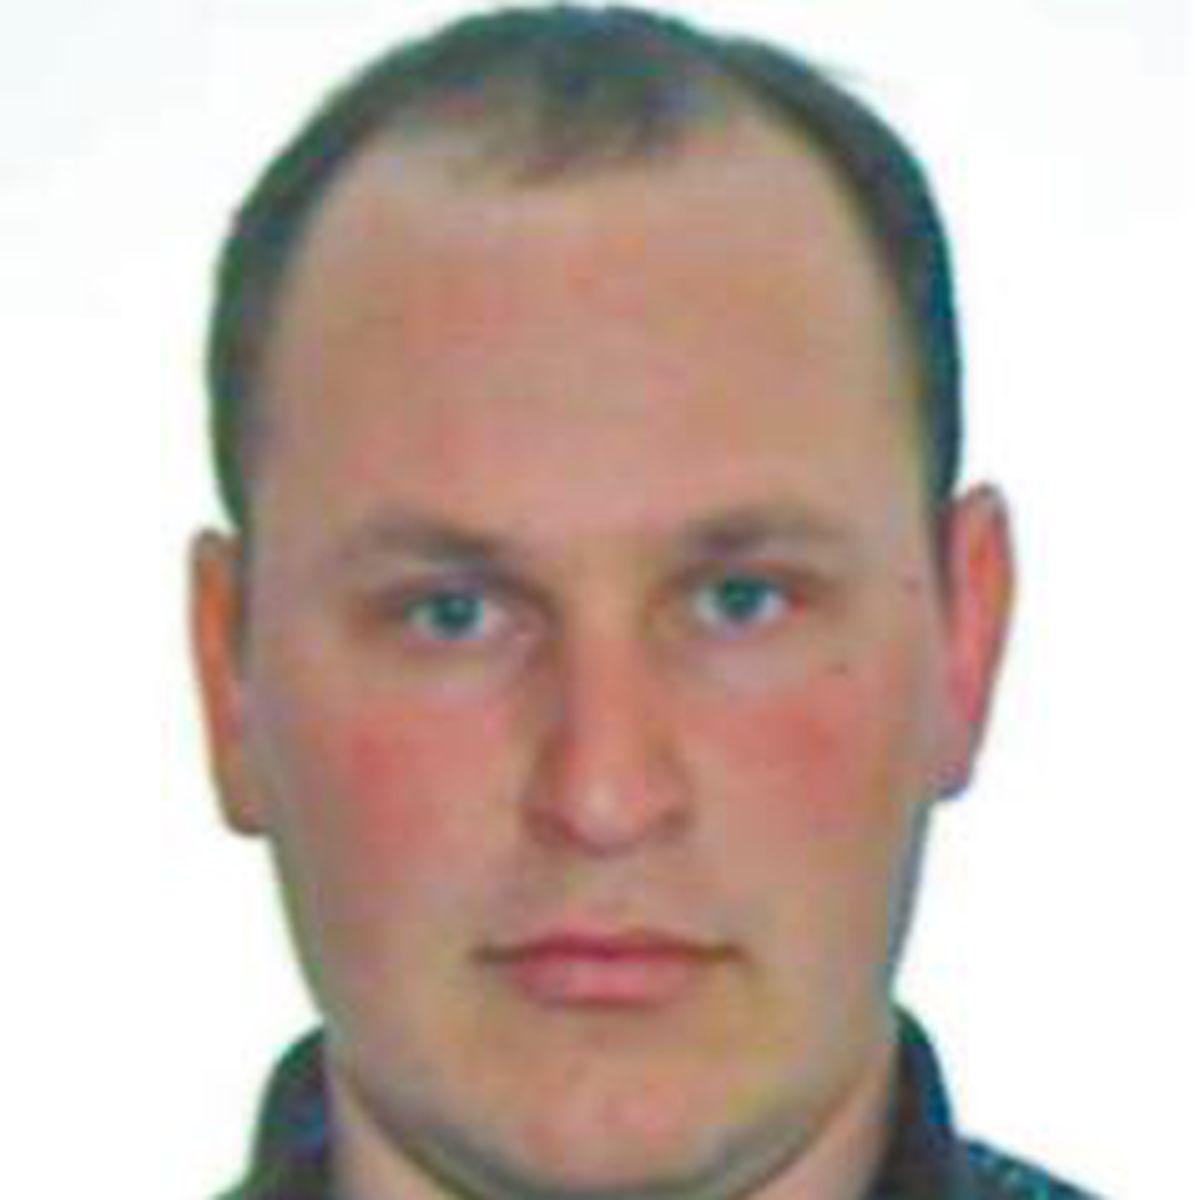 un bărbat din Slatina care cauta femei căsătorite din Brașov